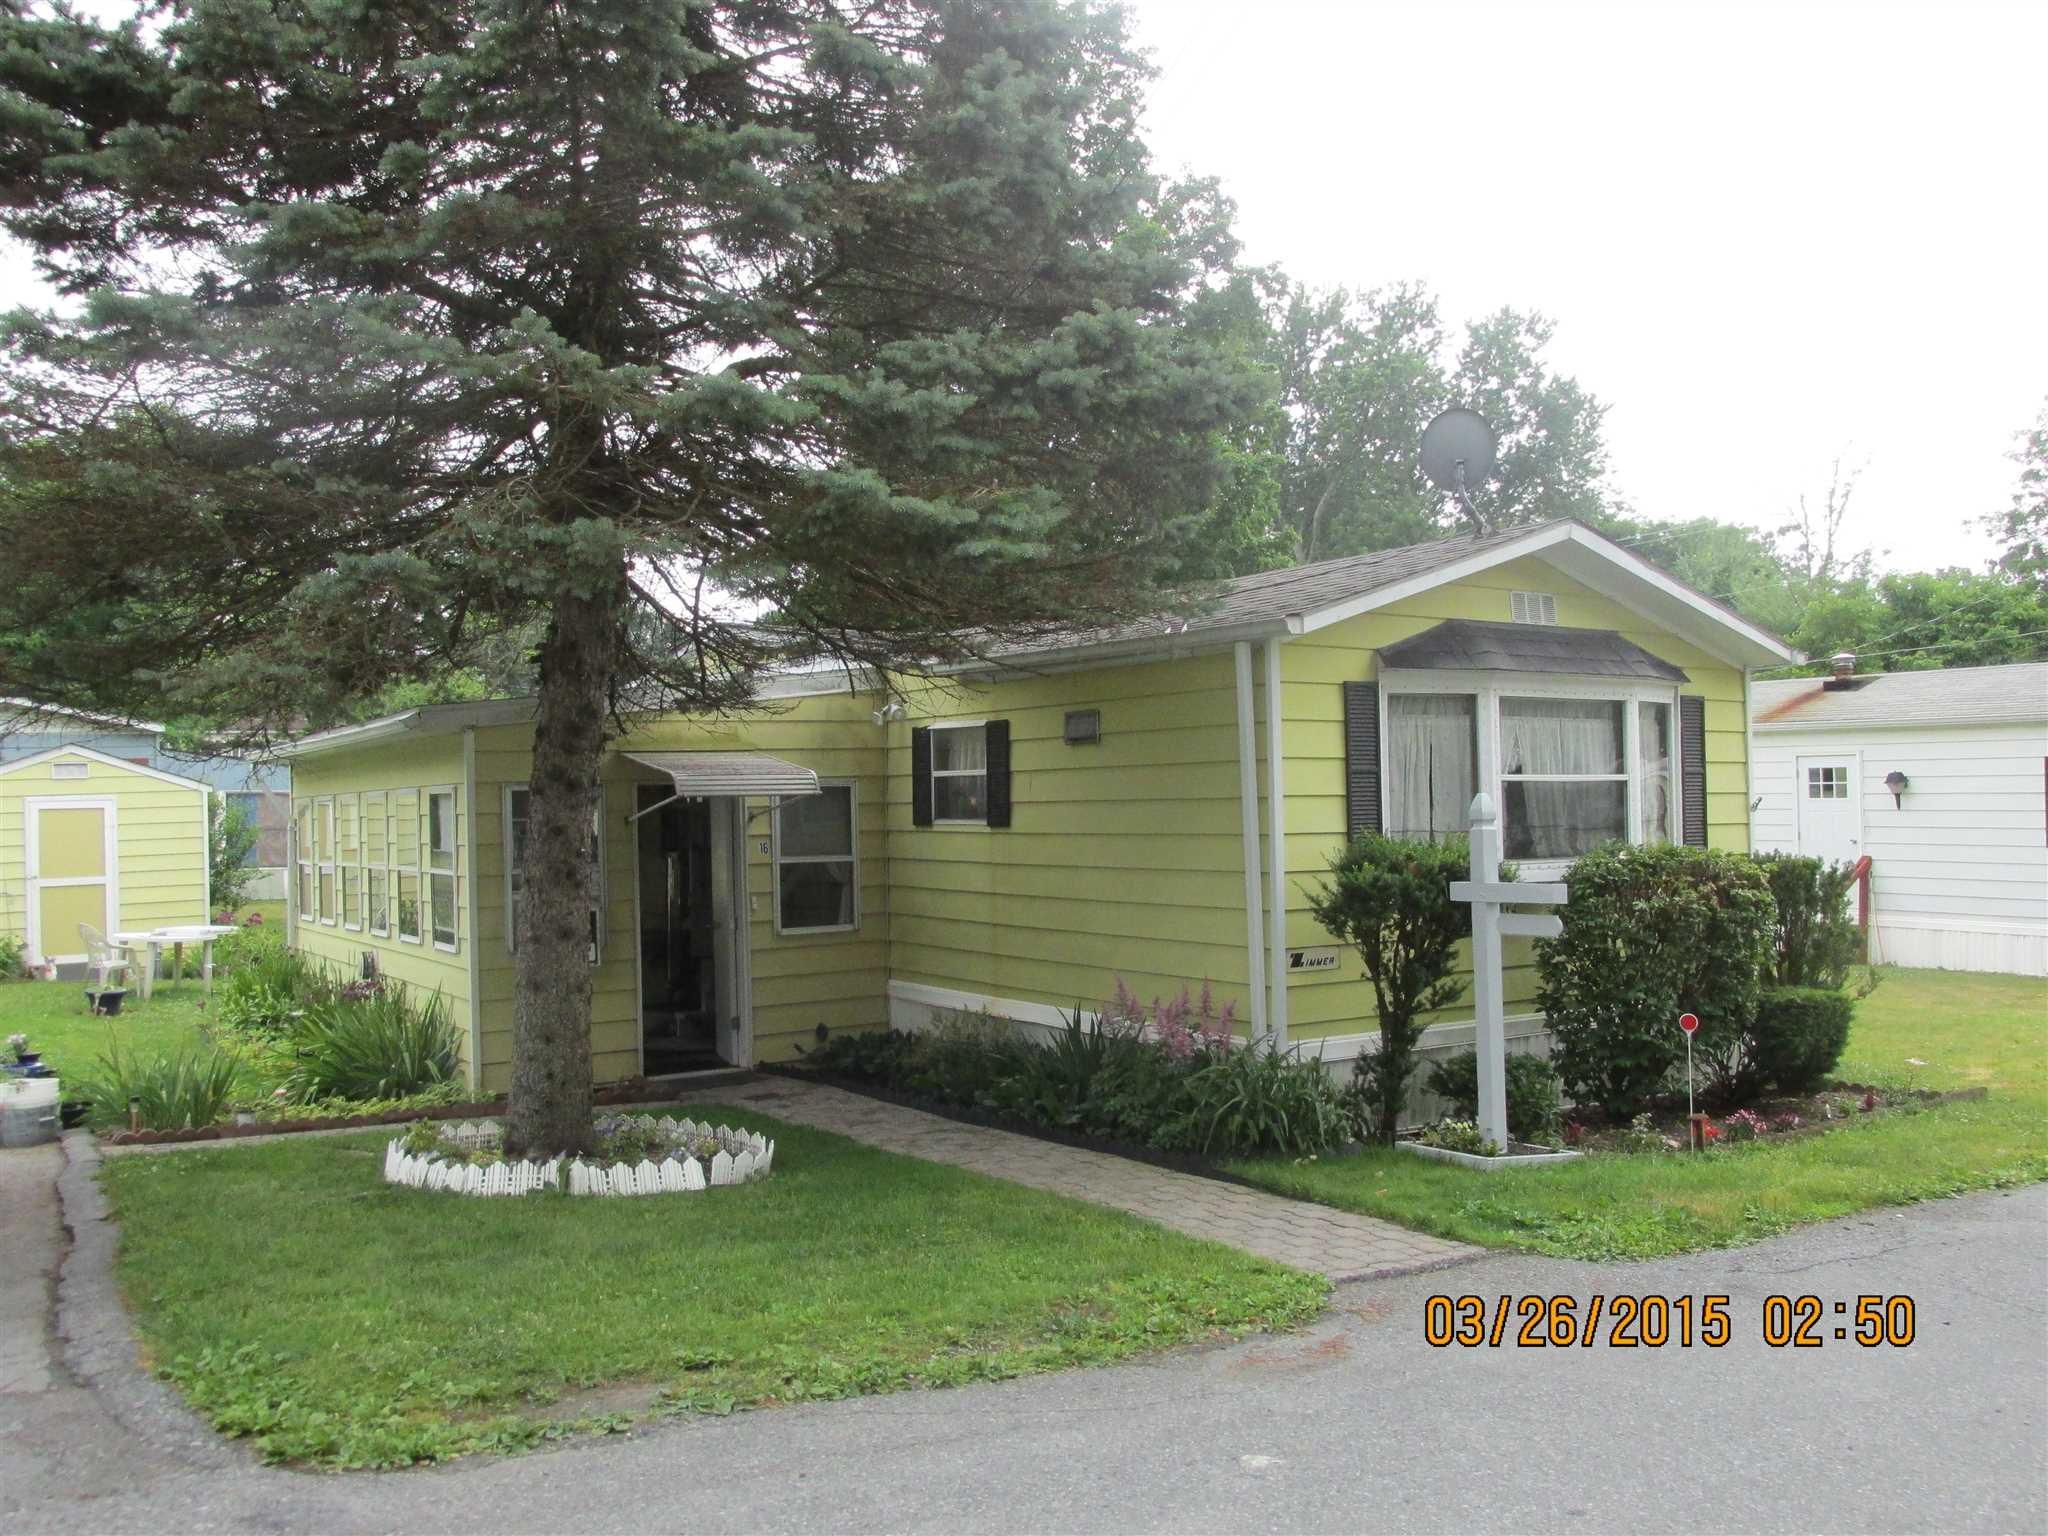 Single Family Home for Sale at 19 BARHET, LOT 16 19 BARHET, LOT 16 Poughkeepsie, New York 12601 United States